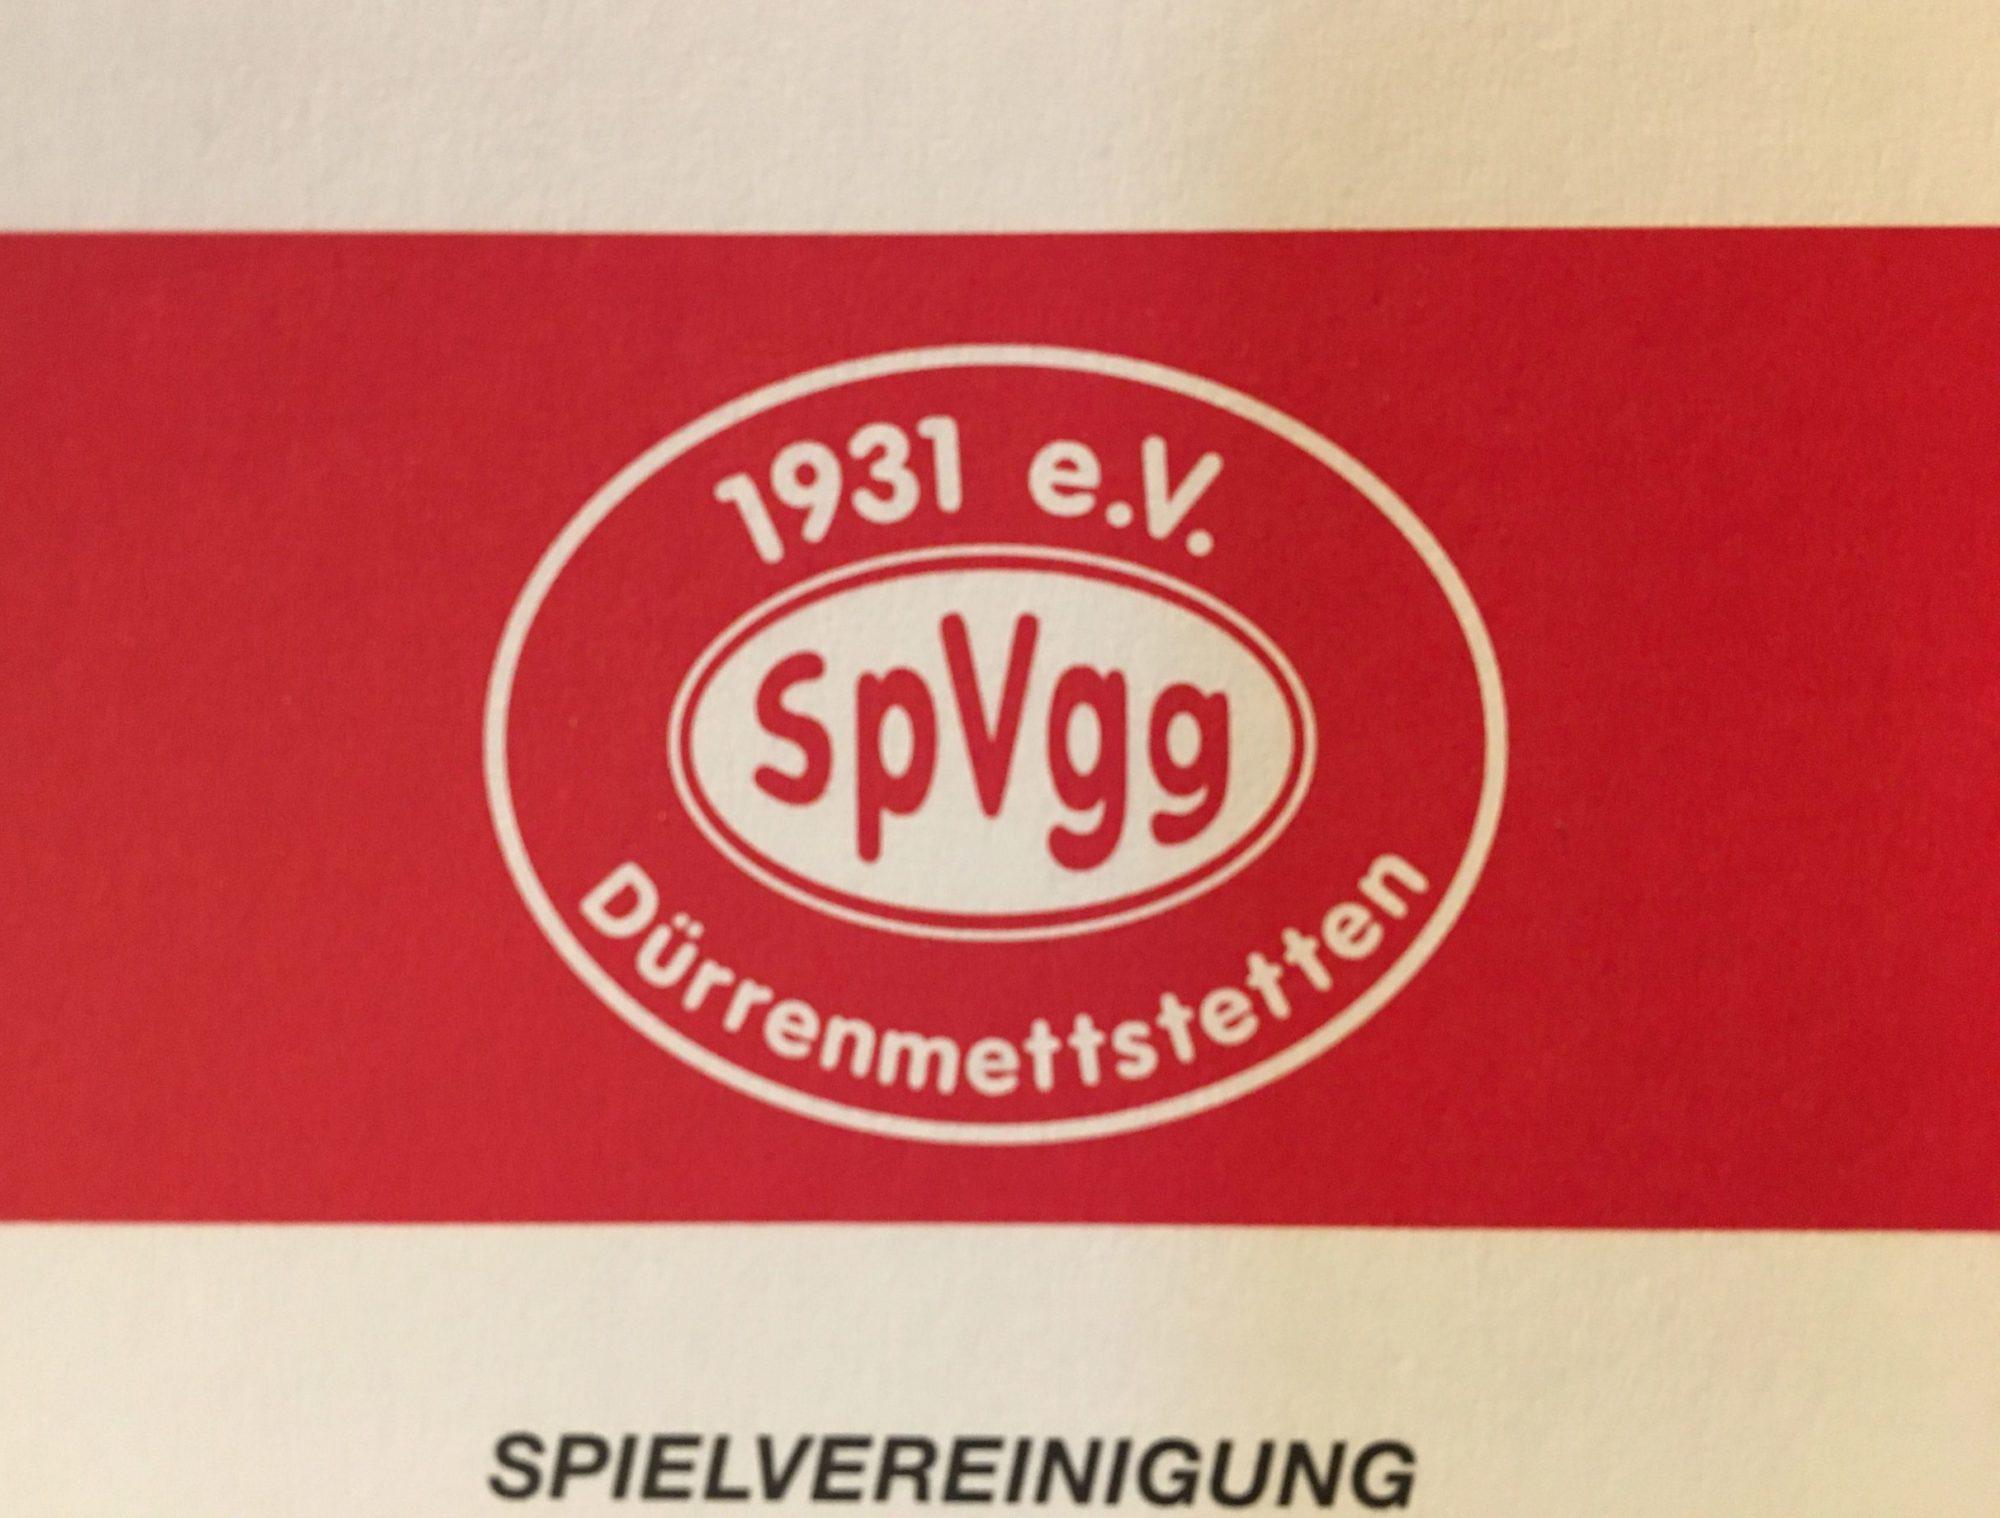 Spvgg Dürrenmettstetten 1931 e.V.